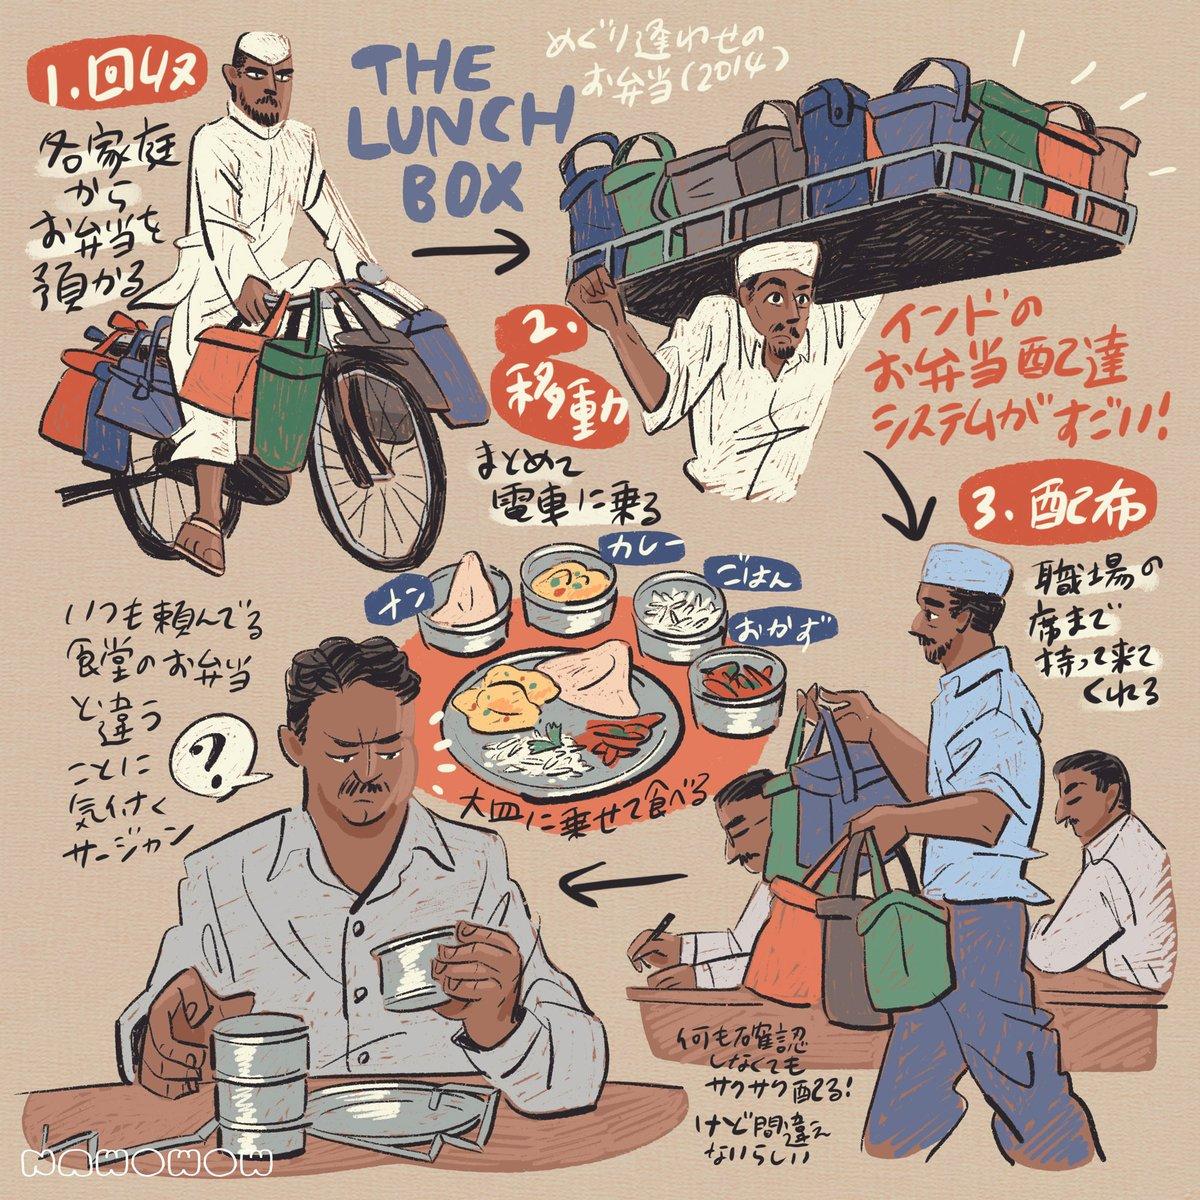 インド映画好きと料理映画好きにおすすめ!アマプラで観られる『めぐり逢わせのお弁当』!